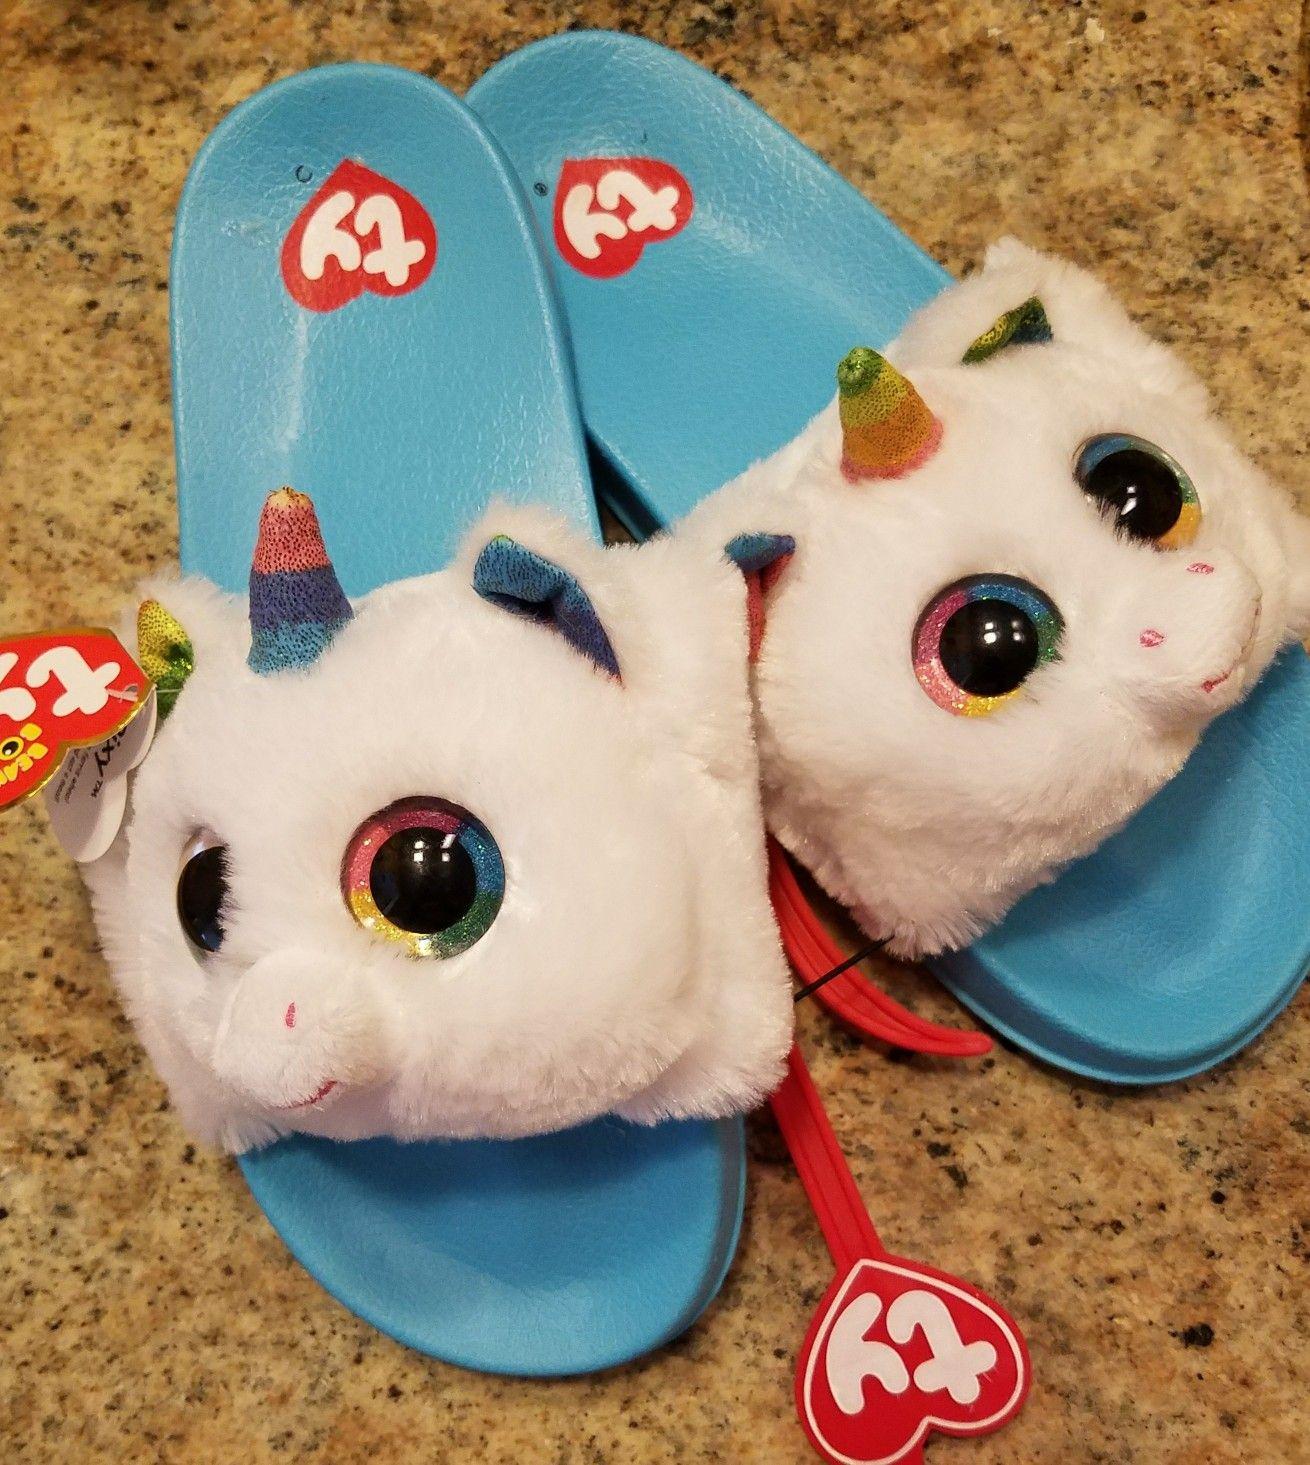 70d72df48 Ty beanie boo unicorn slippers shoes | Beanie boos | Ty beanie boos ...